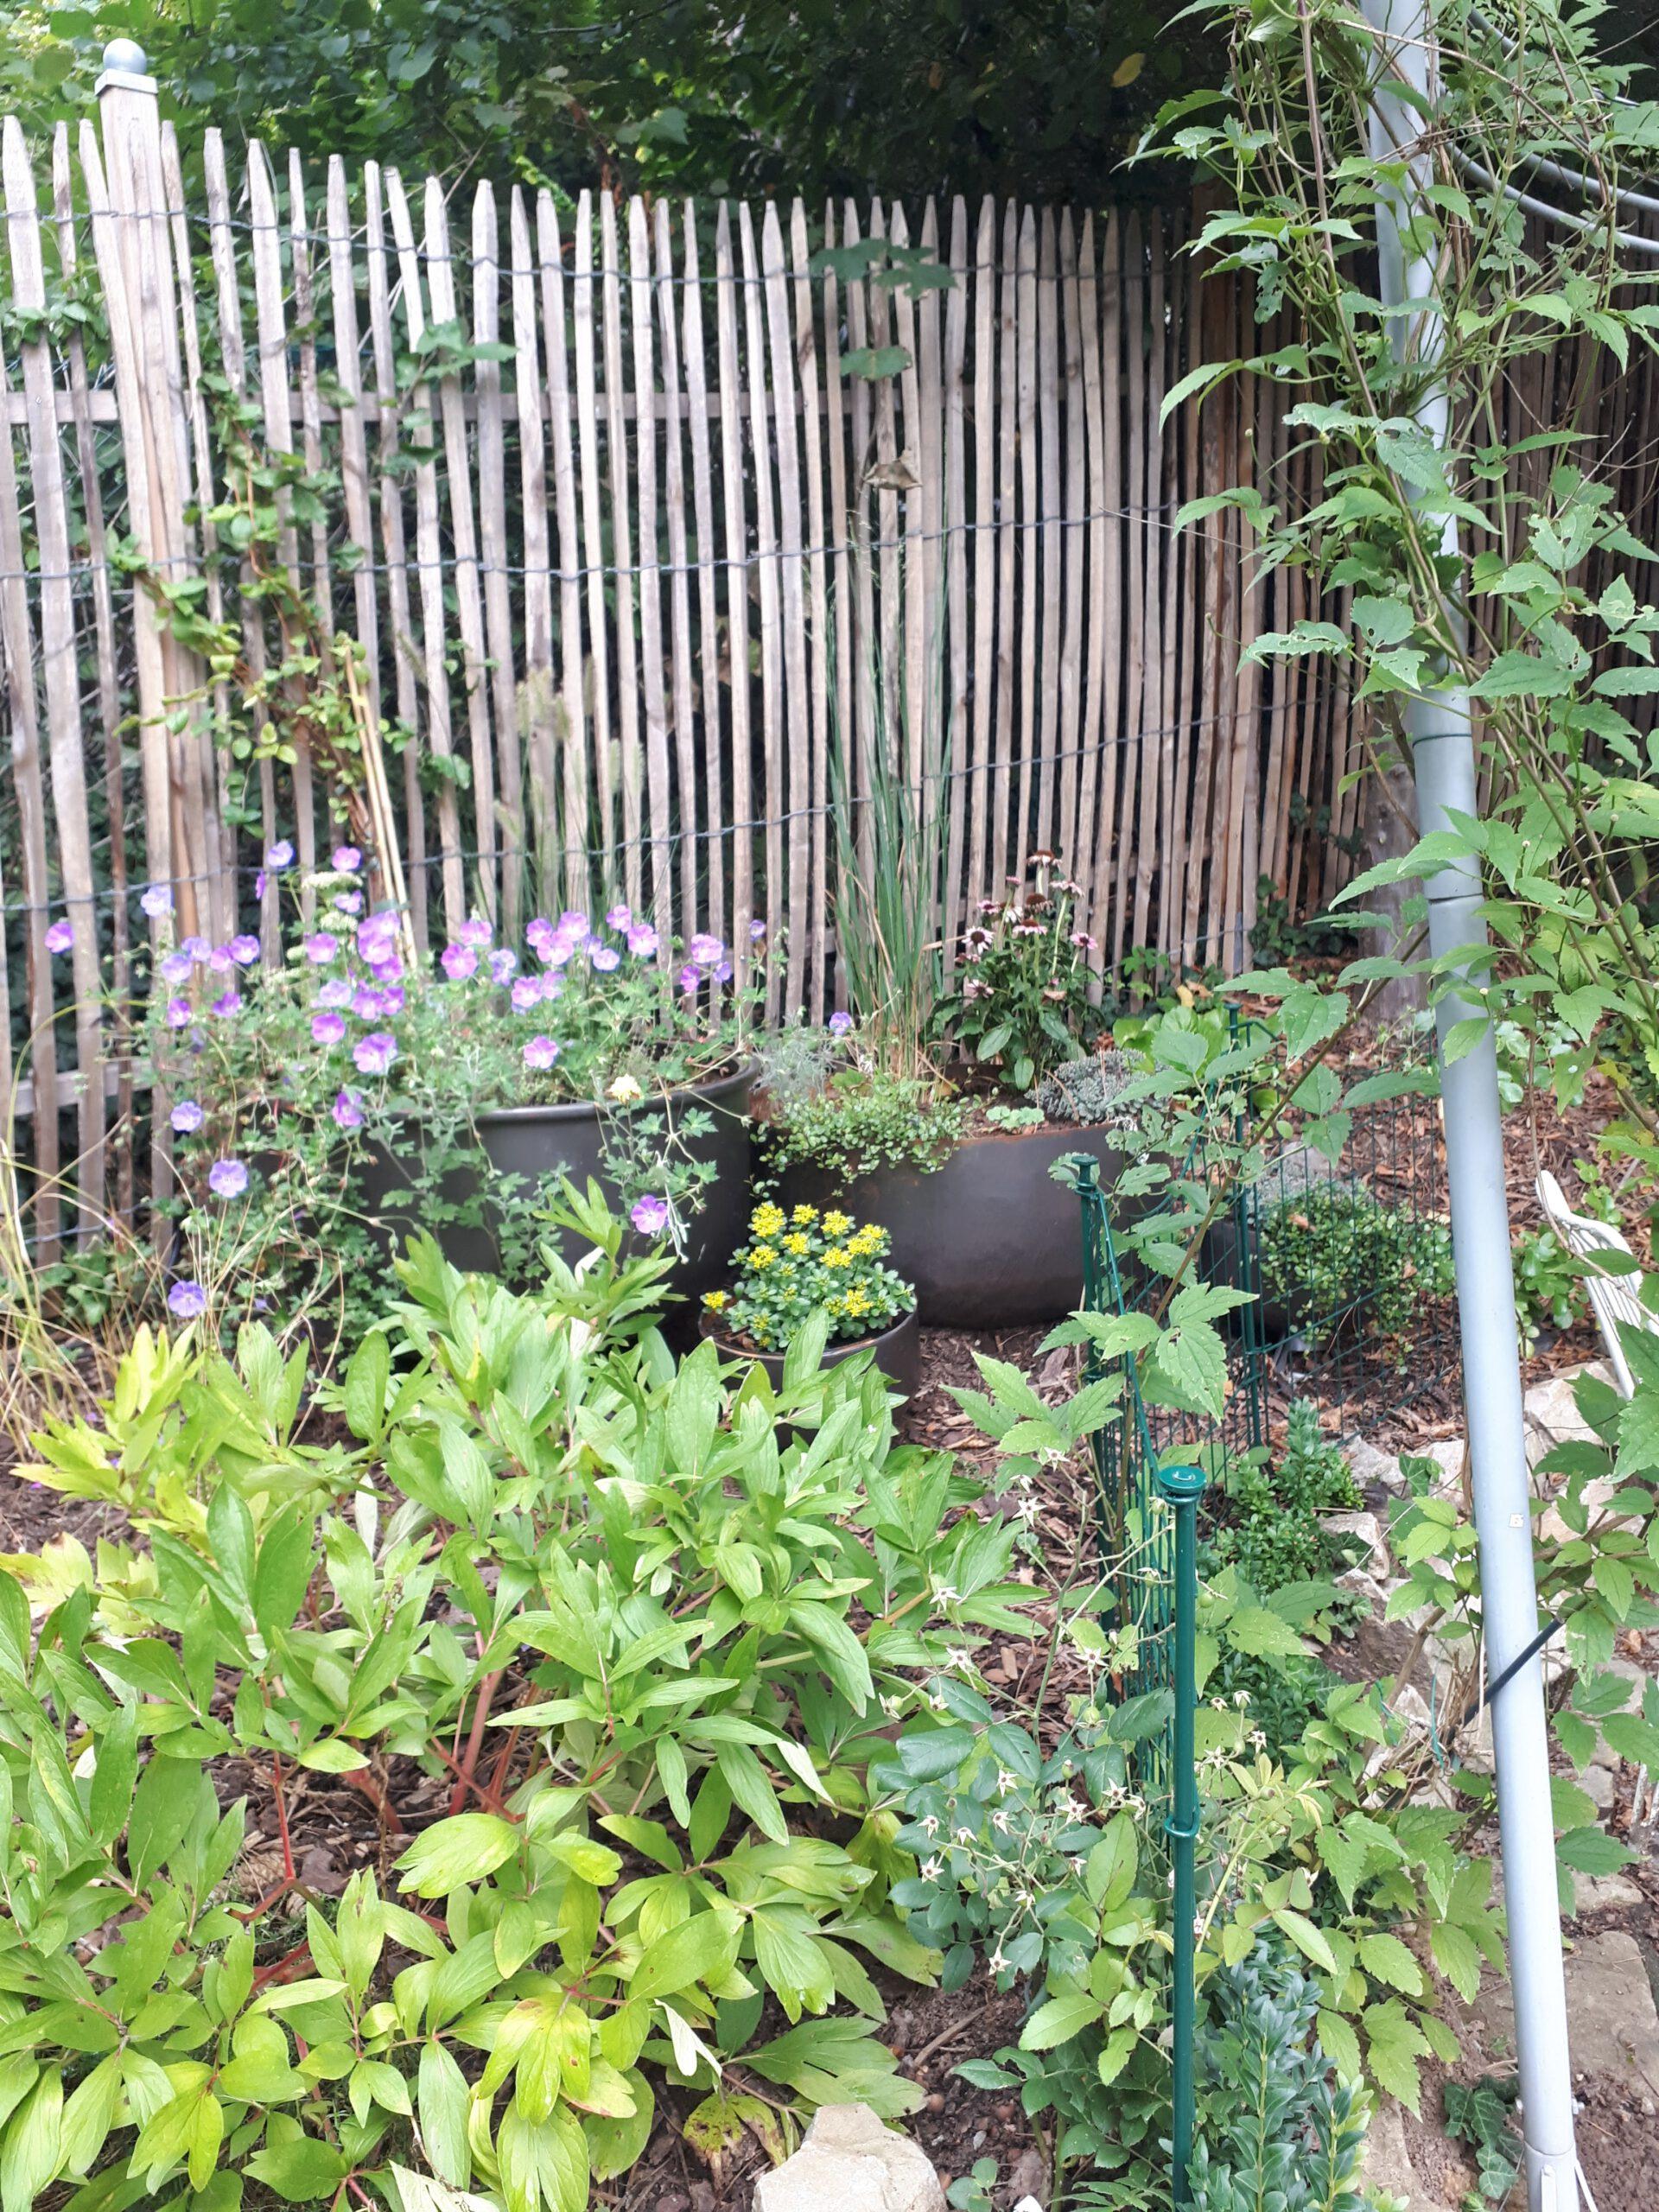 Die Ausdehnungsgefäße die ich zunächst als Miniteiche genutzt habe, sind inzwischen zu großen Pflanzschalen geworden die mir dabei helfen den Problemstandort rund um den Rosenpavillon zu begrünen.